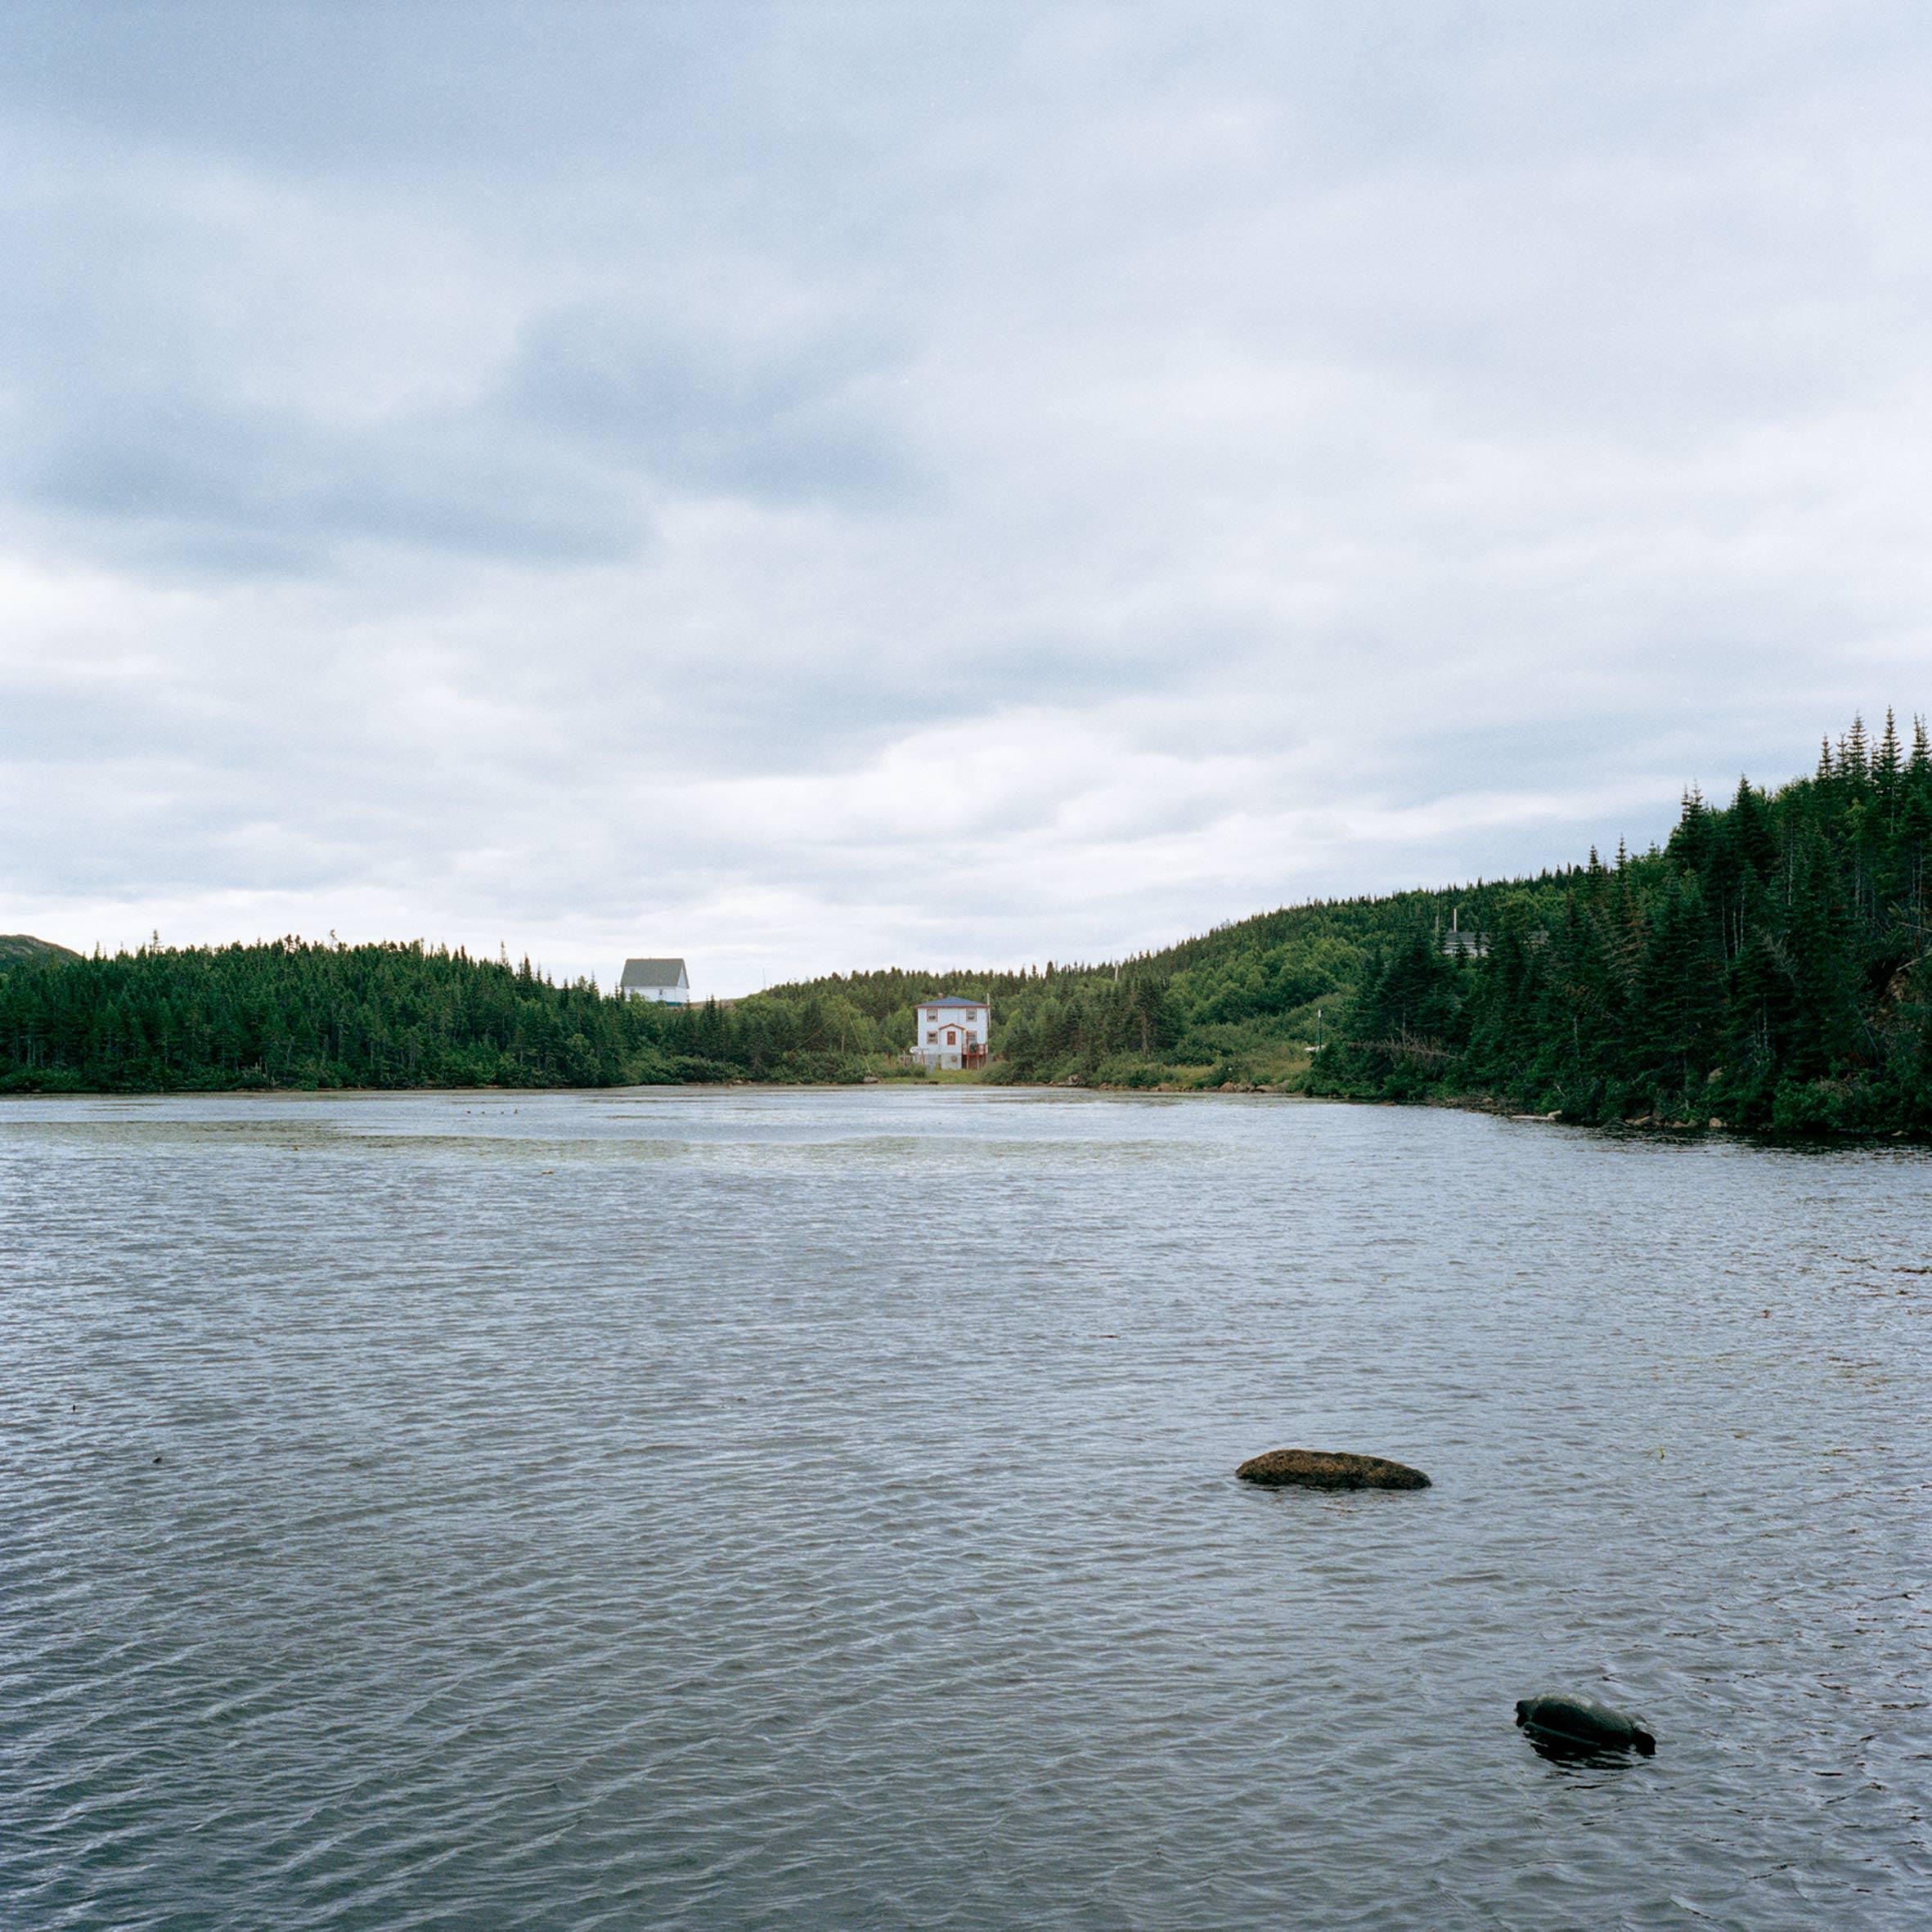 marcher créer, périple autobiographique, territoire du Labrador au Québec, paysage de campagne, paysage désertique, lac, pierre, maison